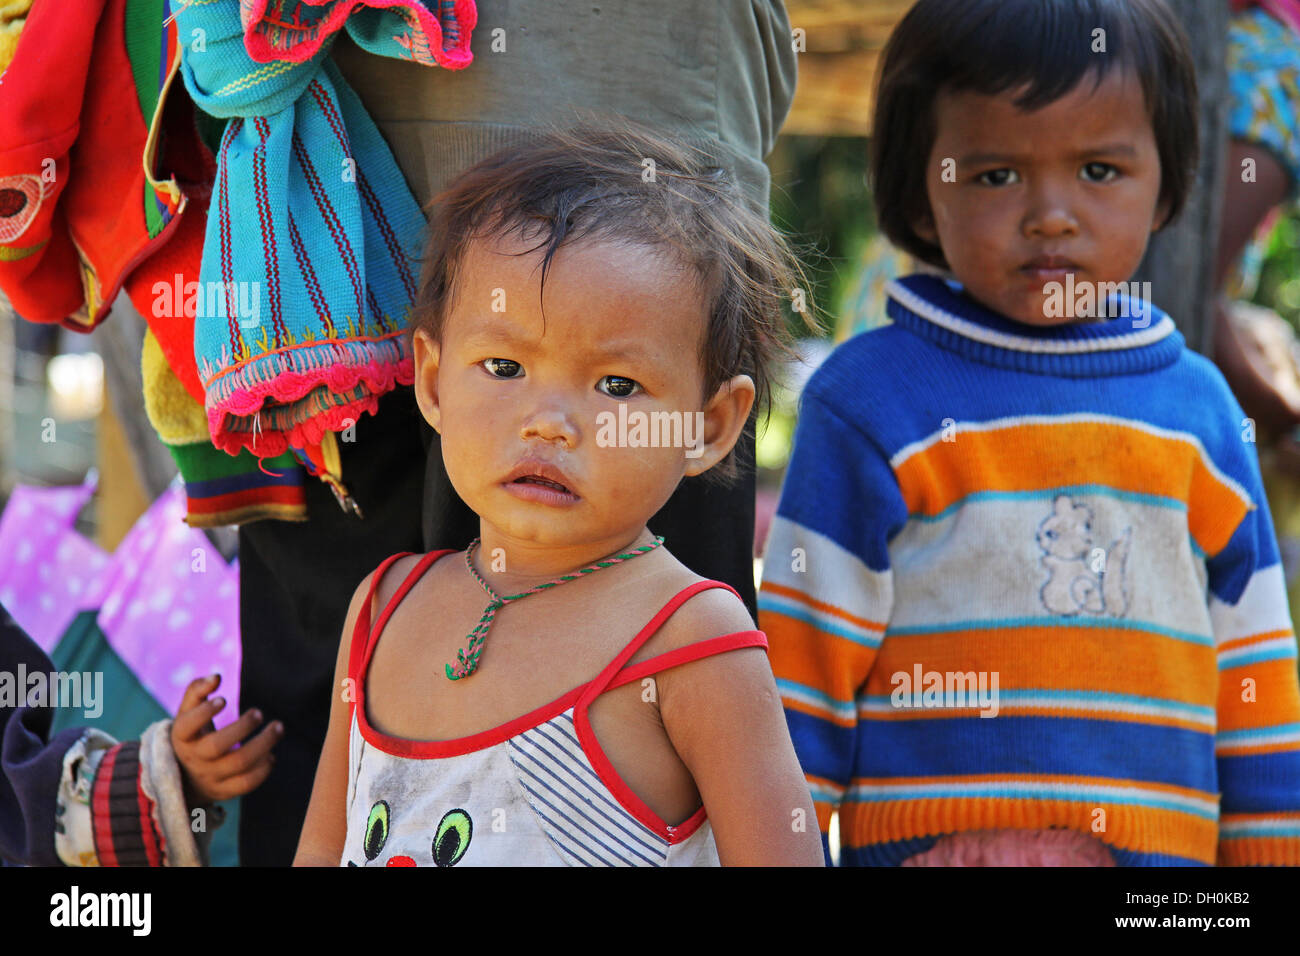 Enfant vietnamien de hauts plateaux du centre Vietnam Photo Stock